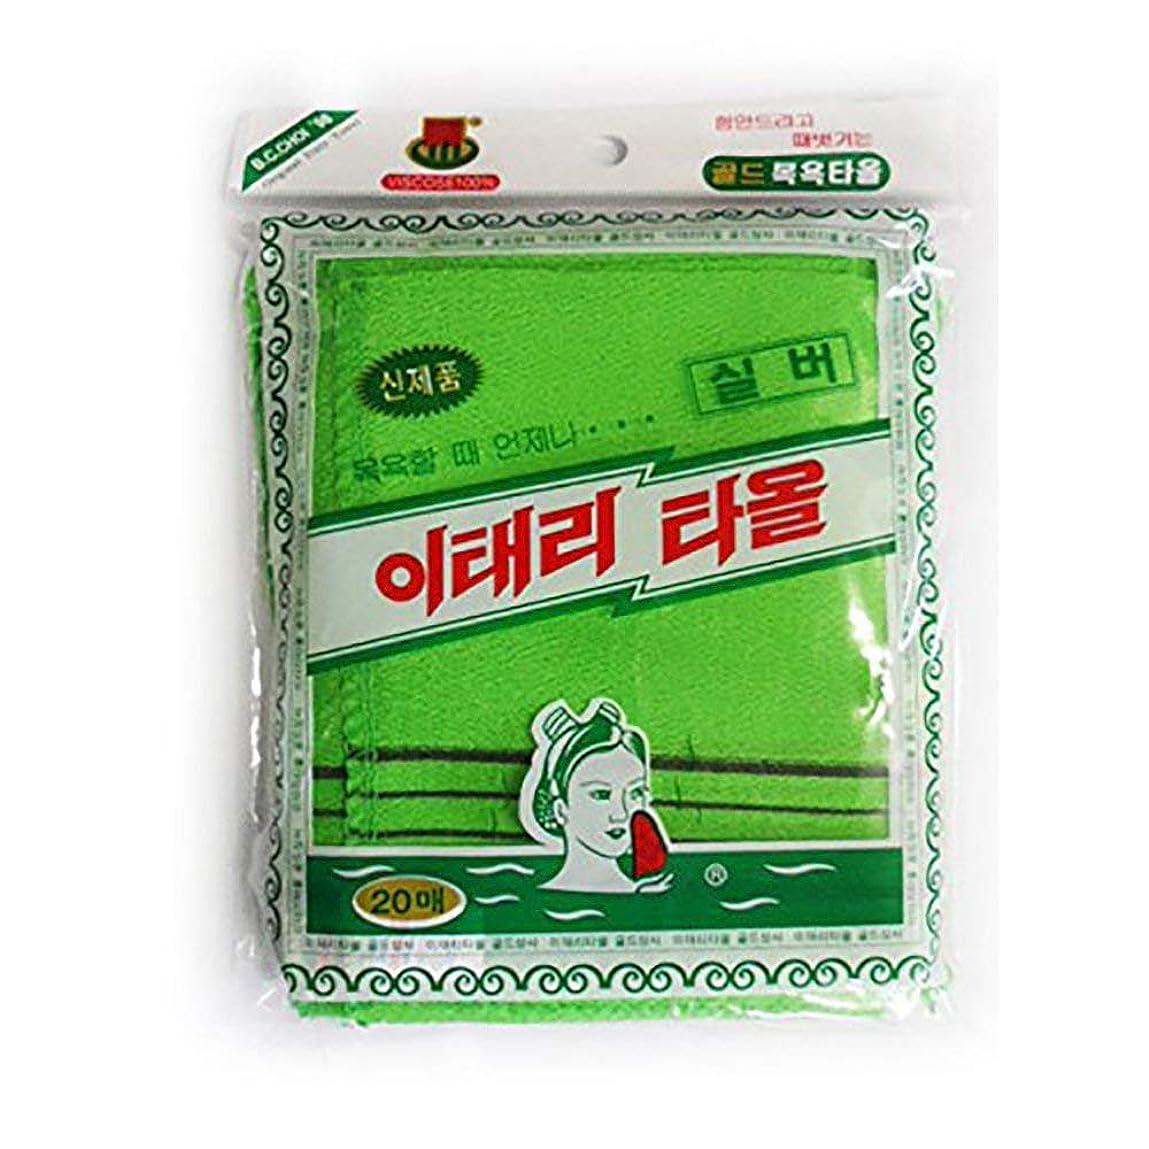 無効にするビームペイントアカスリタオル (韓国式あかすりタオル) 20枚セット